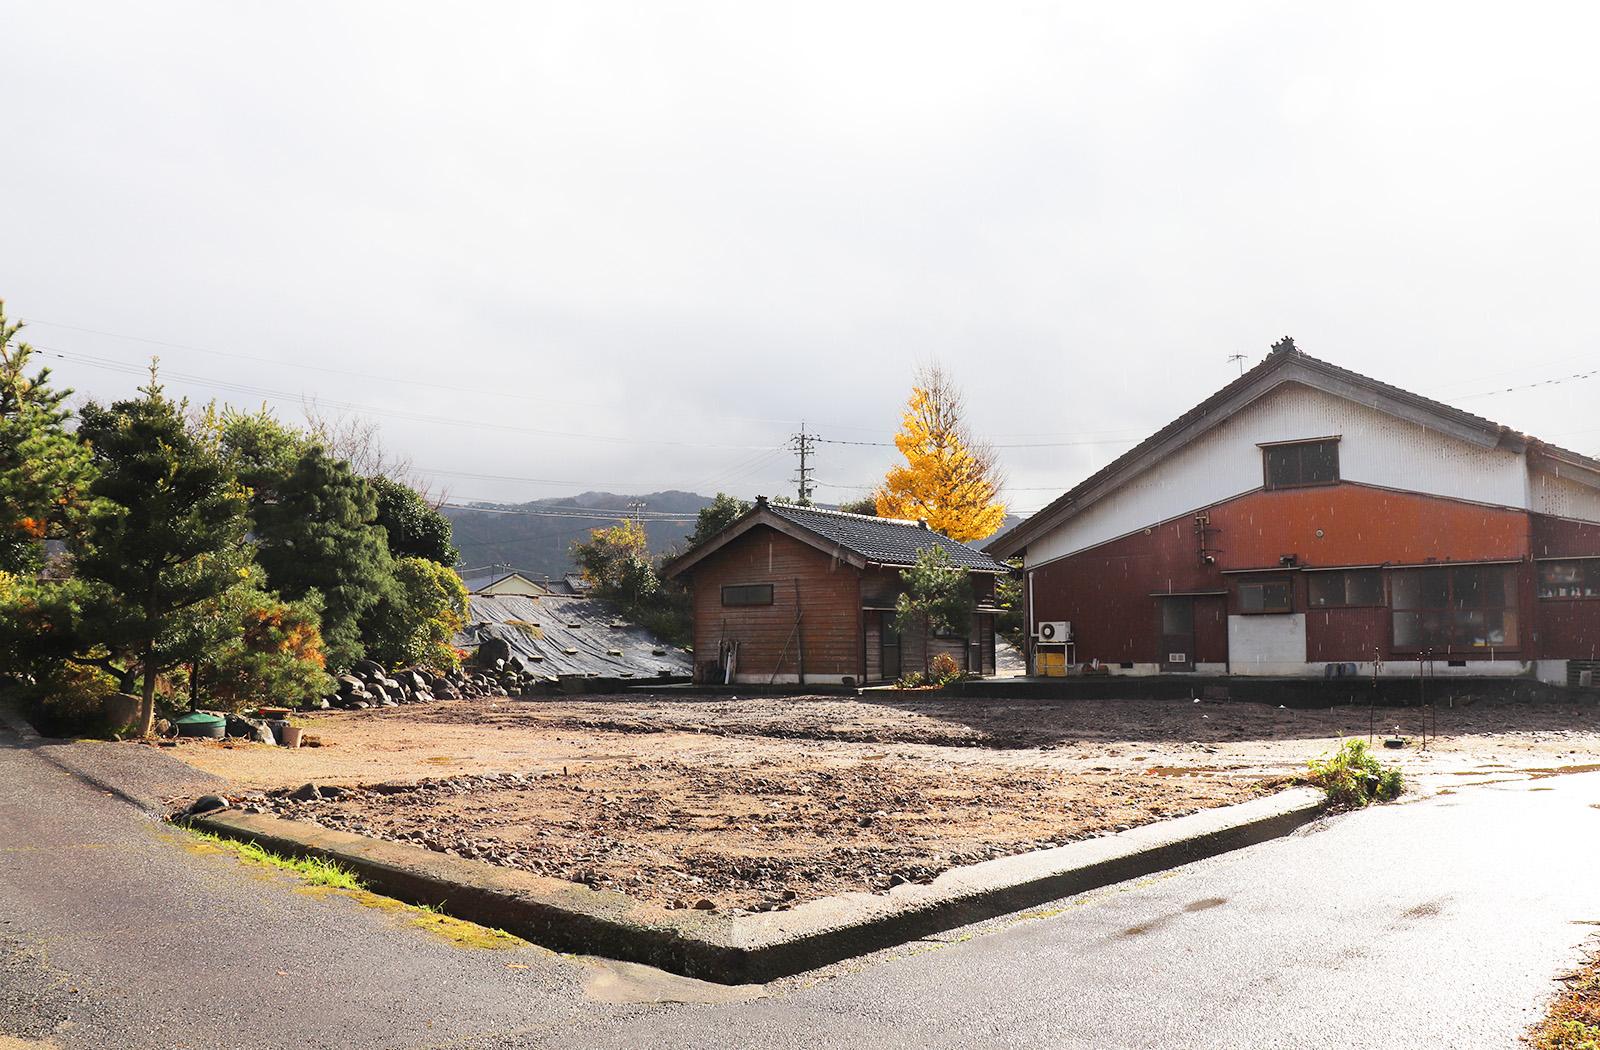 住宅一棟と納屋二棟の解体工事及び遺品整理